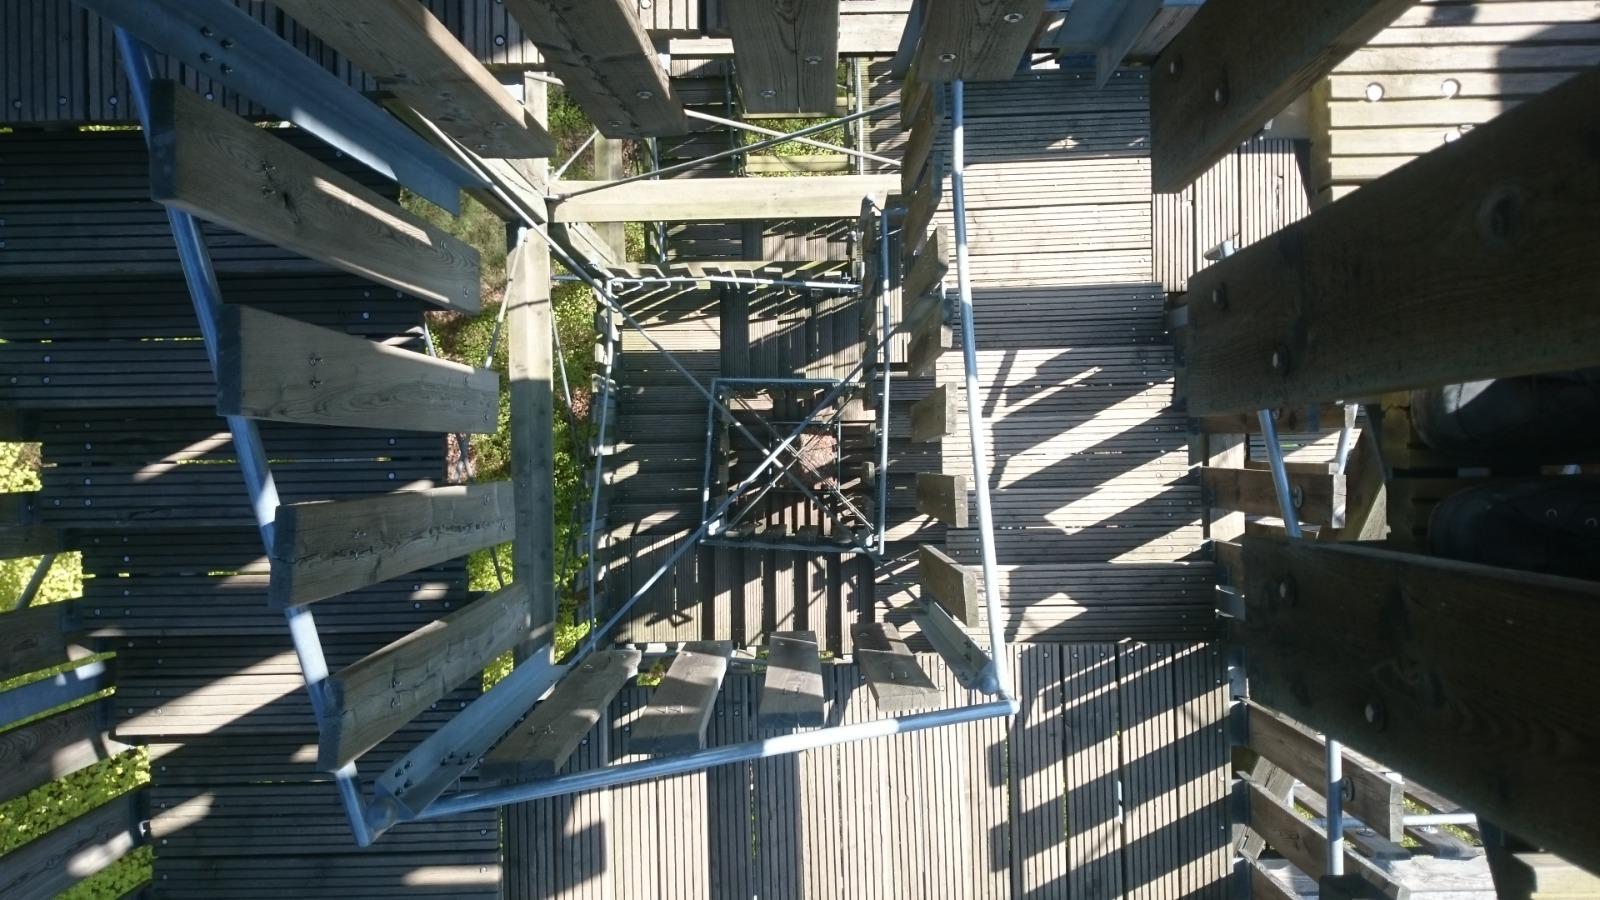 Viele-Treppen